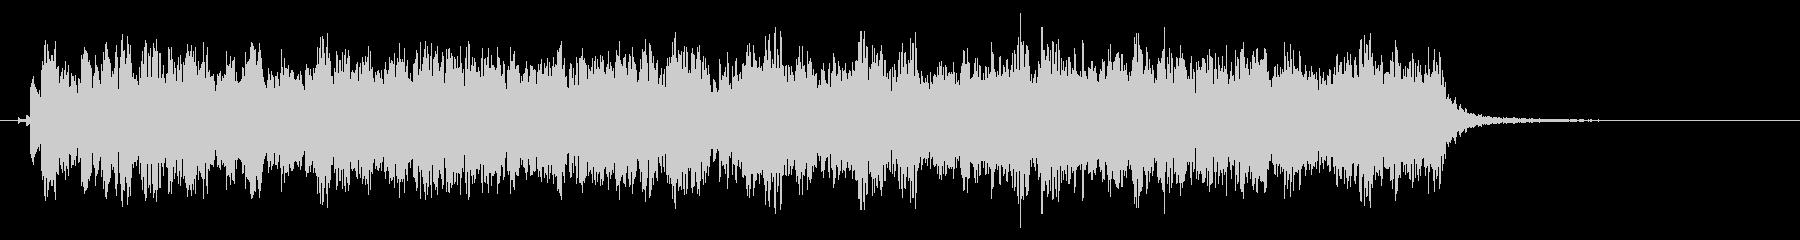 時計 アラーム5-04(弱 遠い)の未再生の波形